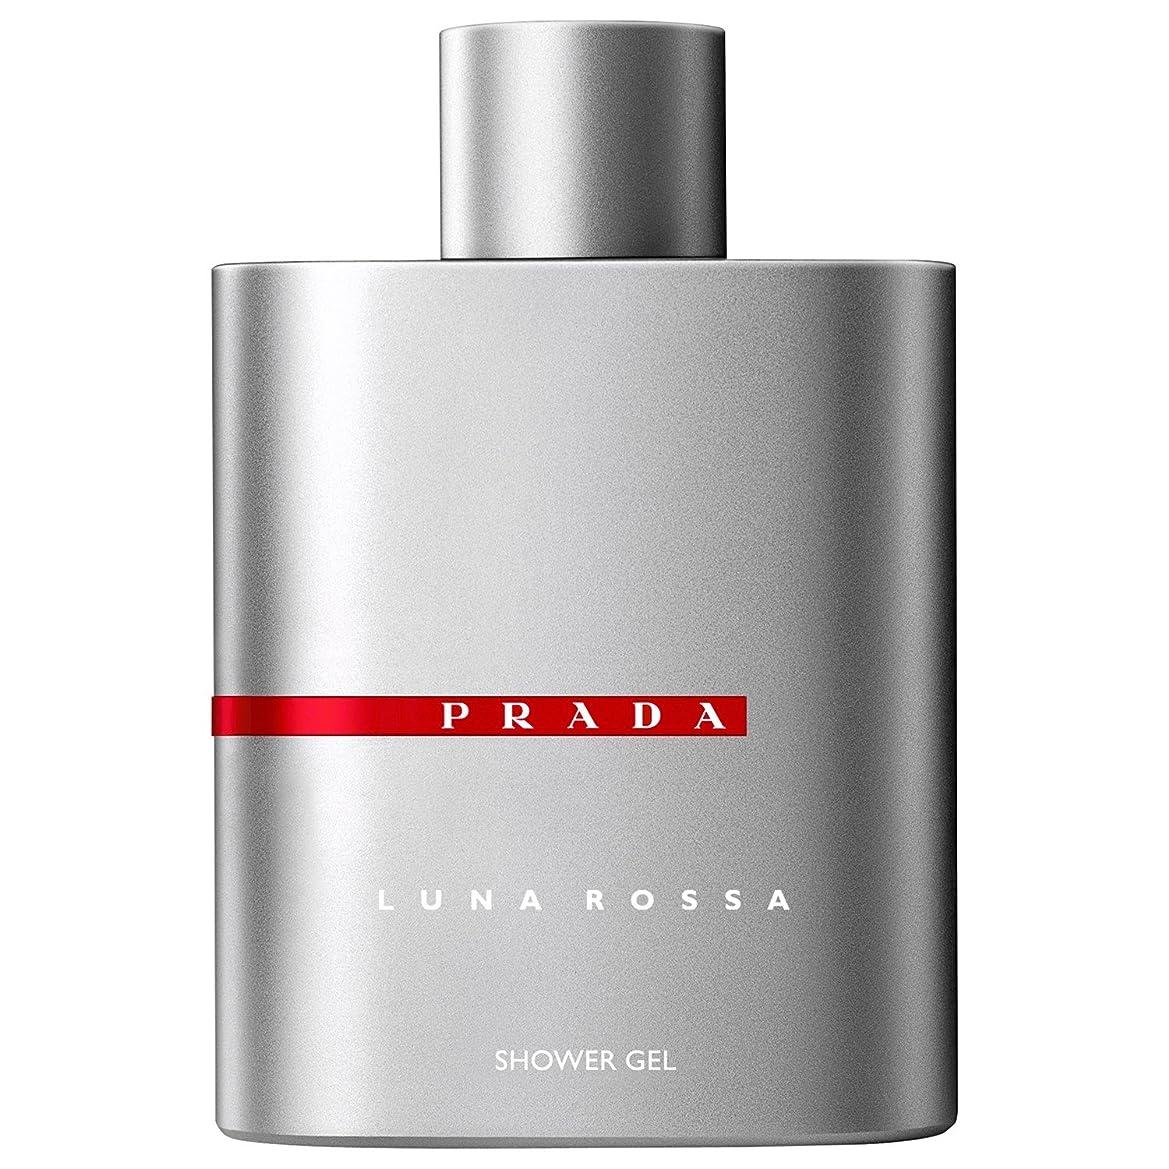 電気技師まっすぐ人口プラダルナロッサシャワージェル150ミリリットル (Prada) (x2) - Prada Luna Rossa Shower Gel 150ml (Pack of 2) [並行輸入品]